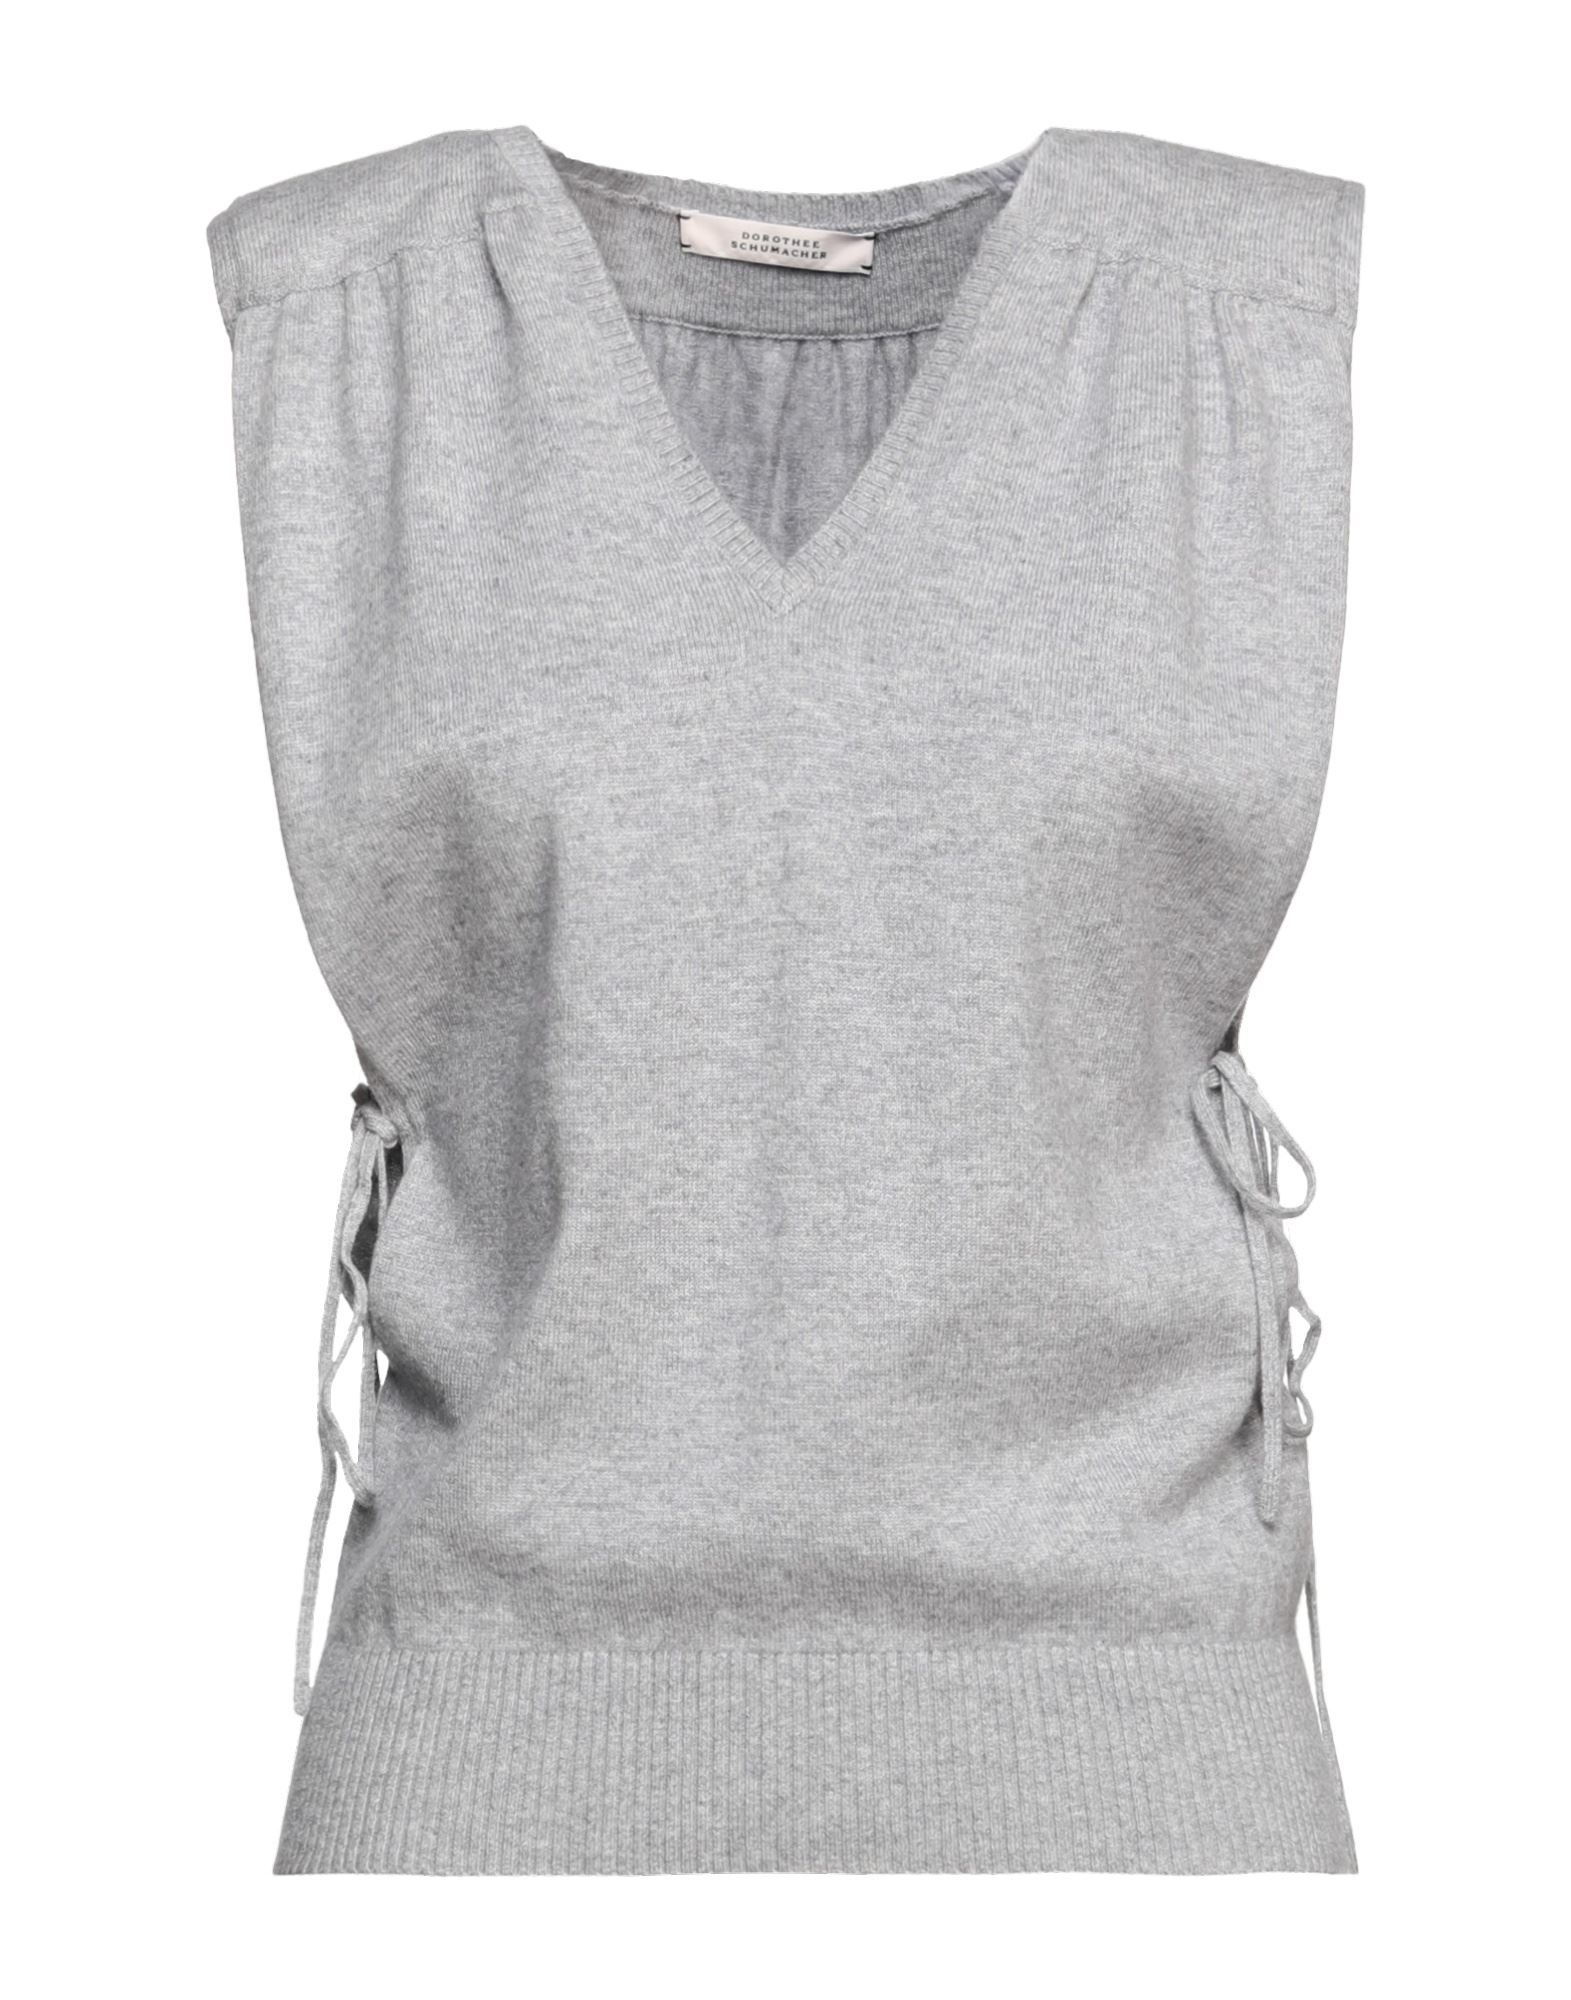 DOROTHEE SCHUMACHER Sweaters - Item 14126706